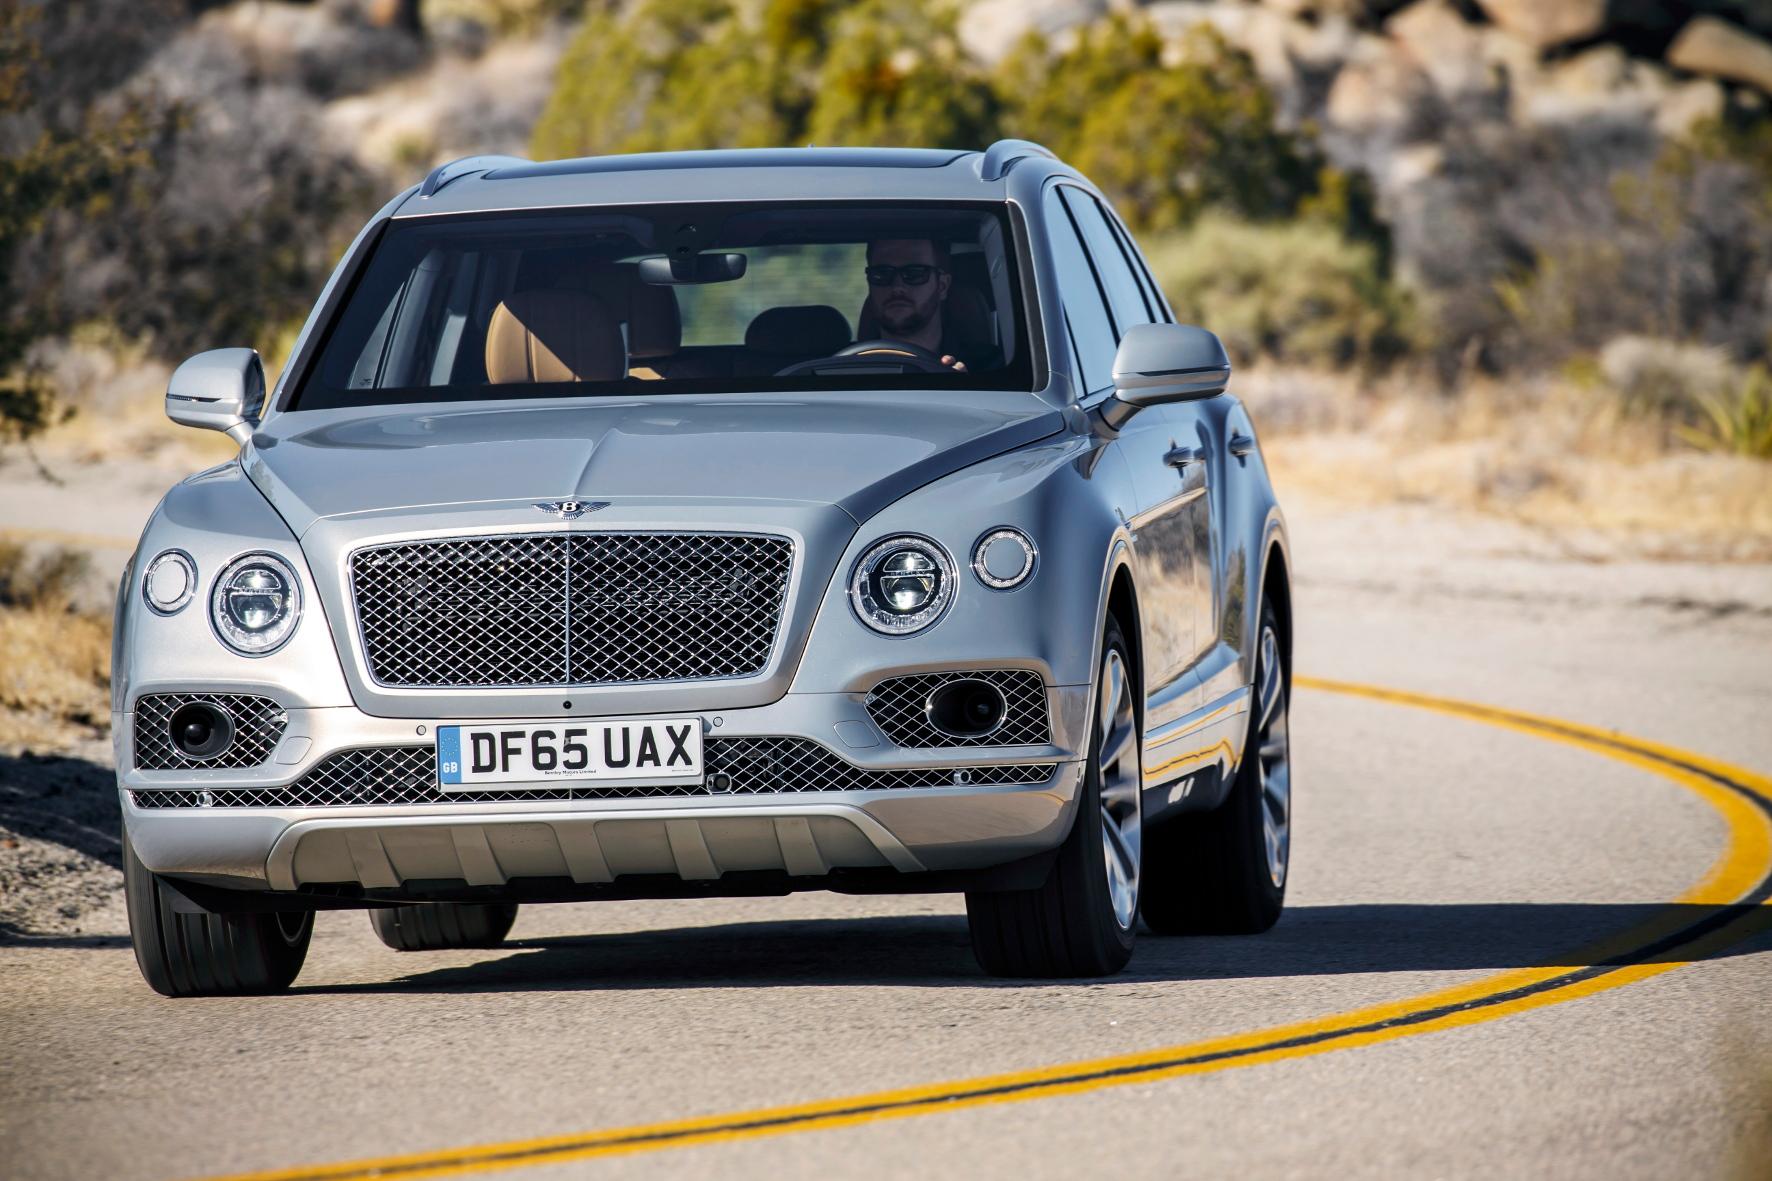 Sportwagen-Werte: Der Bentley Bentayga sprintet in 4,1 Sekunden auf Tempo 100 und erreicht 301 km/h Spitze.